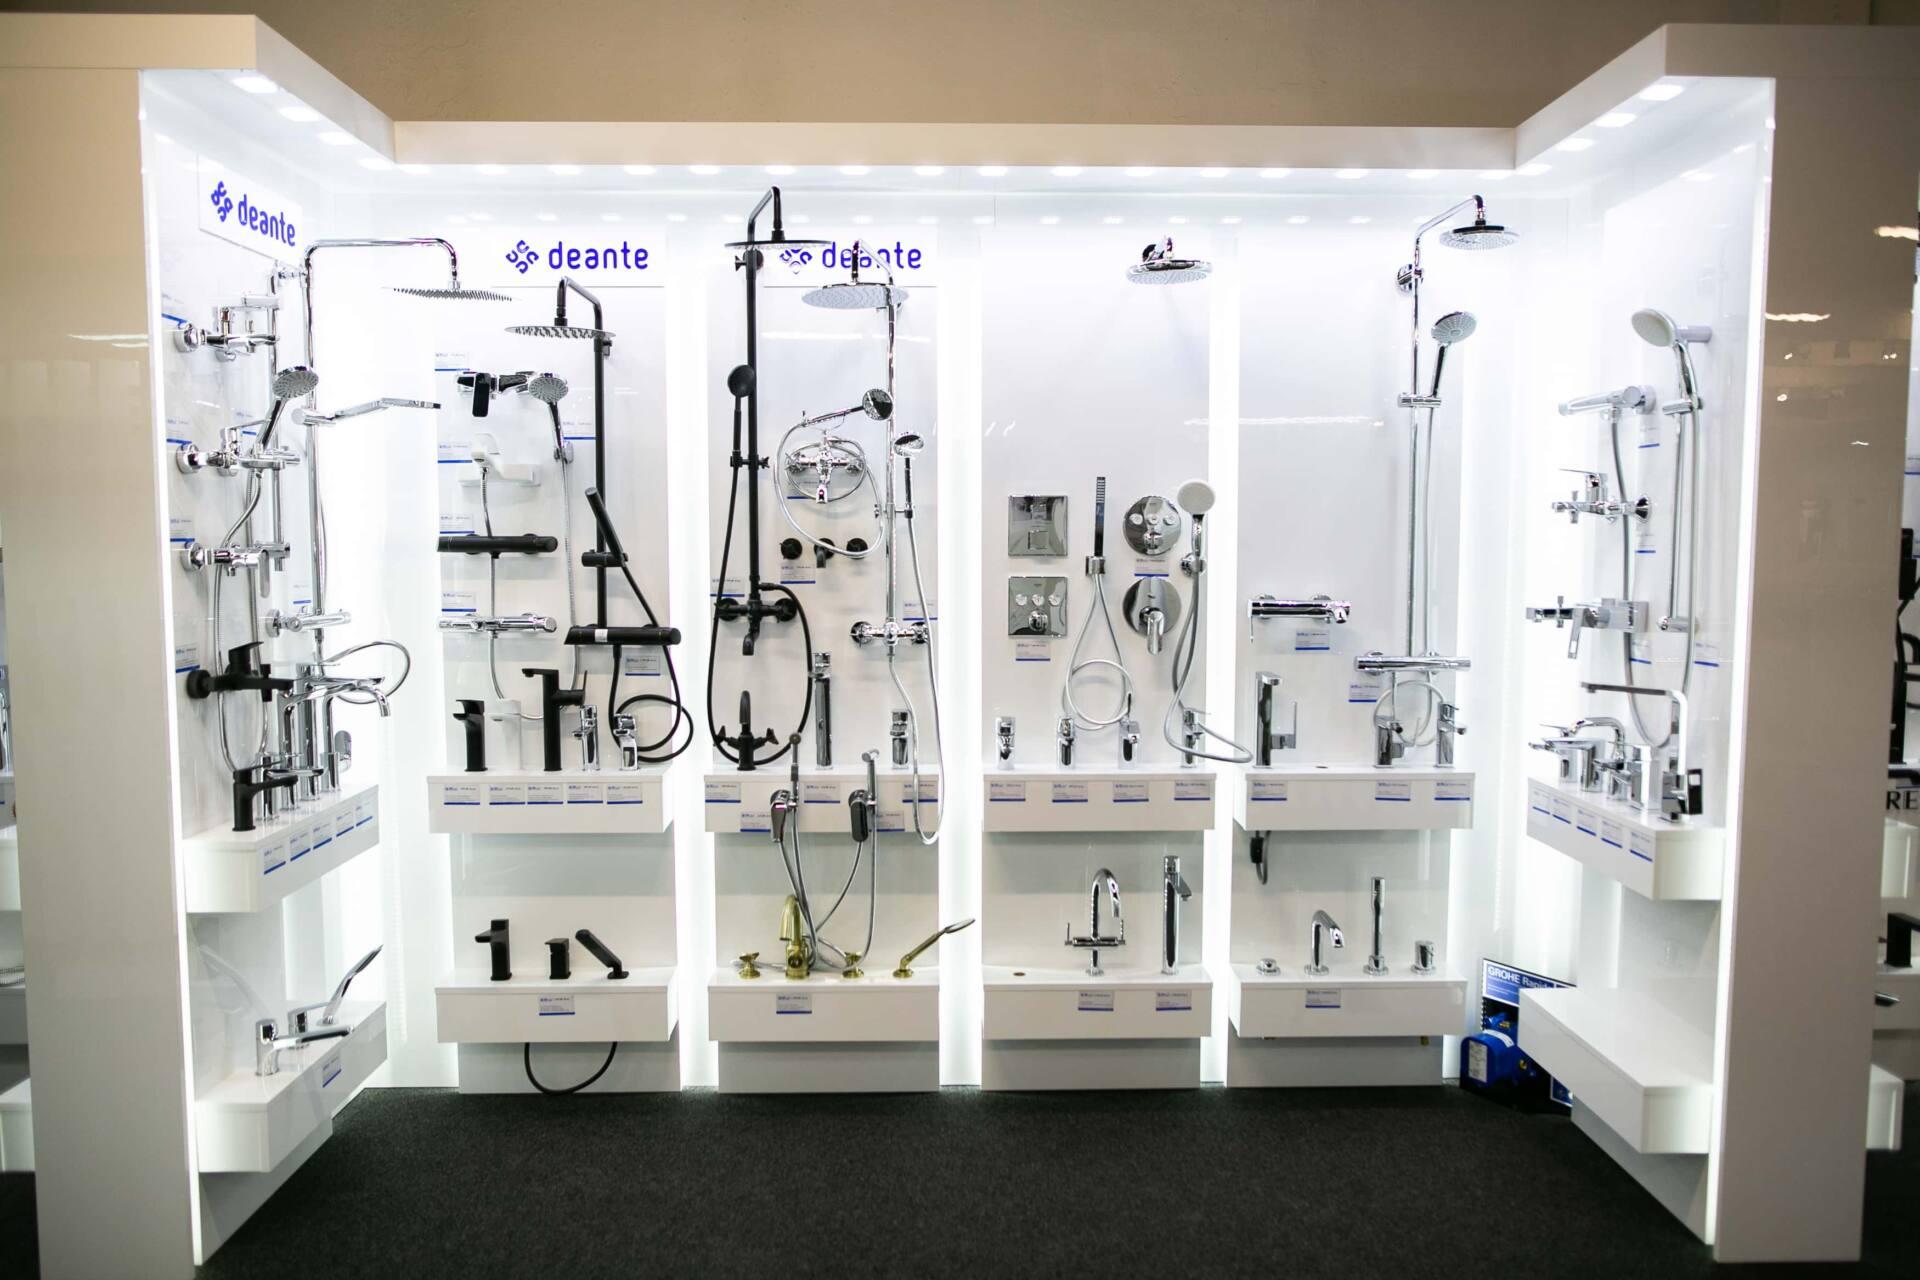 5db 5565 Salon BLU: na ponad 500 m2., 36 łazienkowych aranżacji i bogata ekspozycja wyposażenia (zdjęcia)